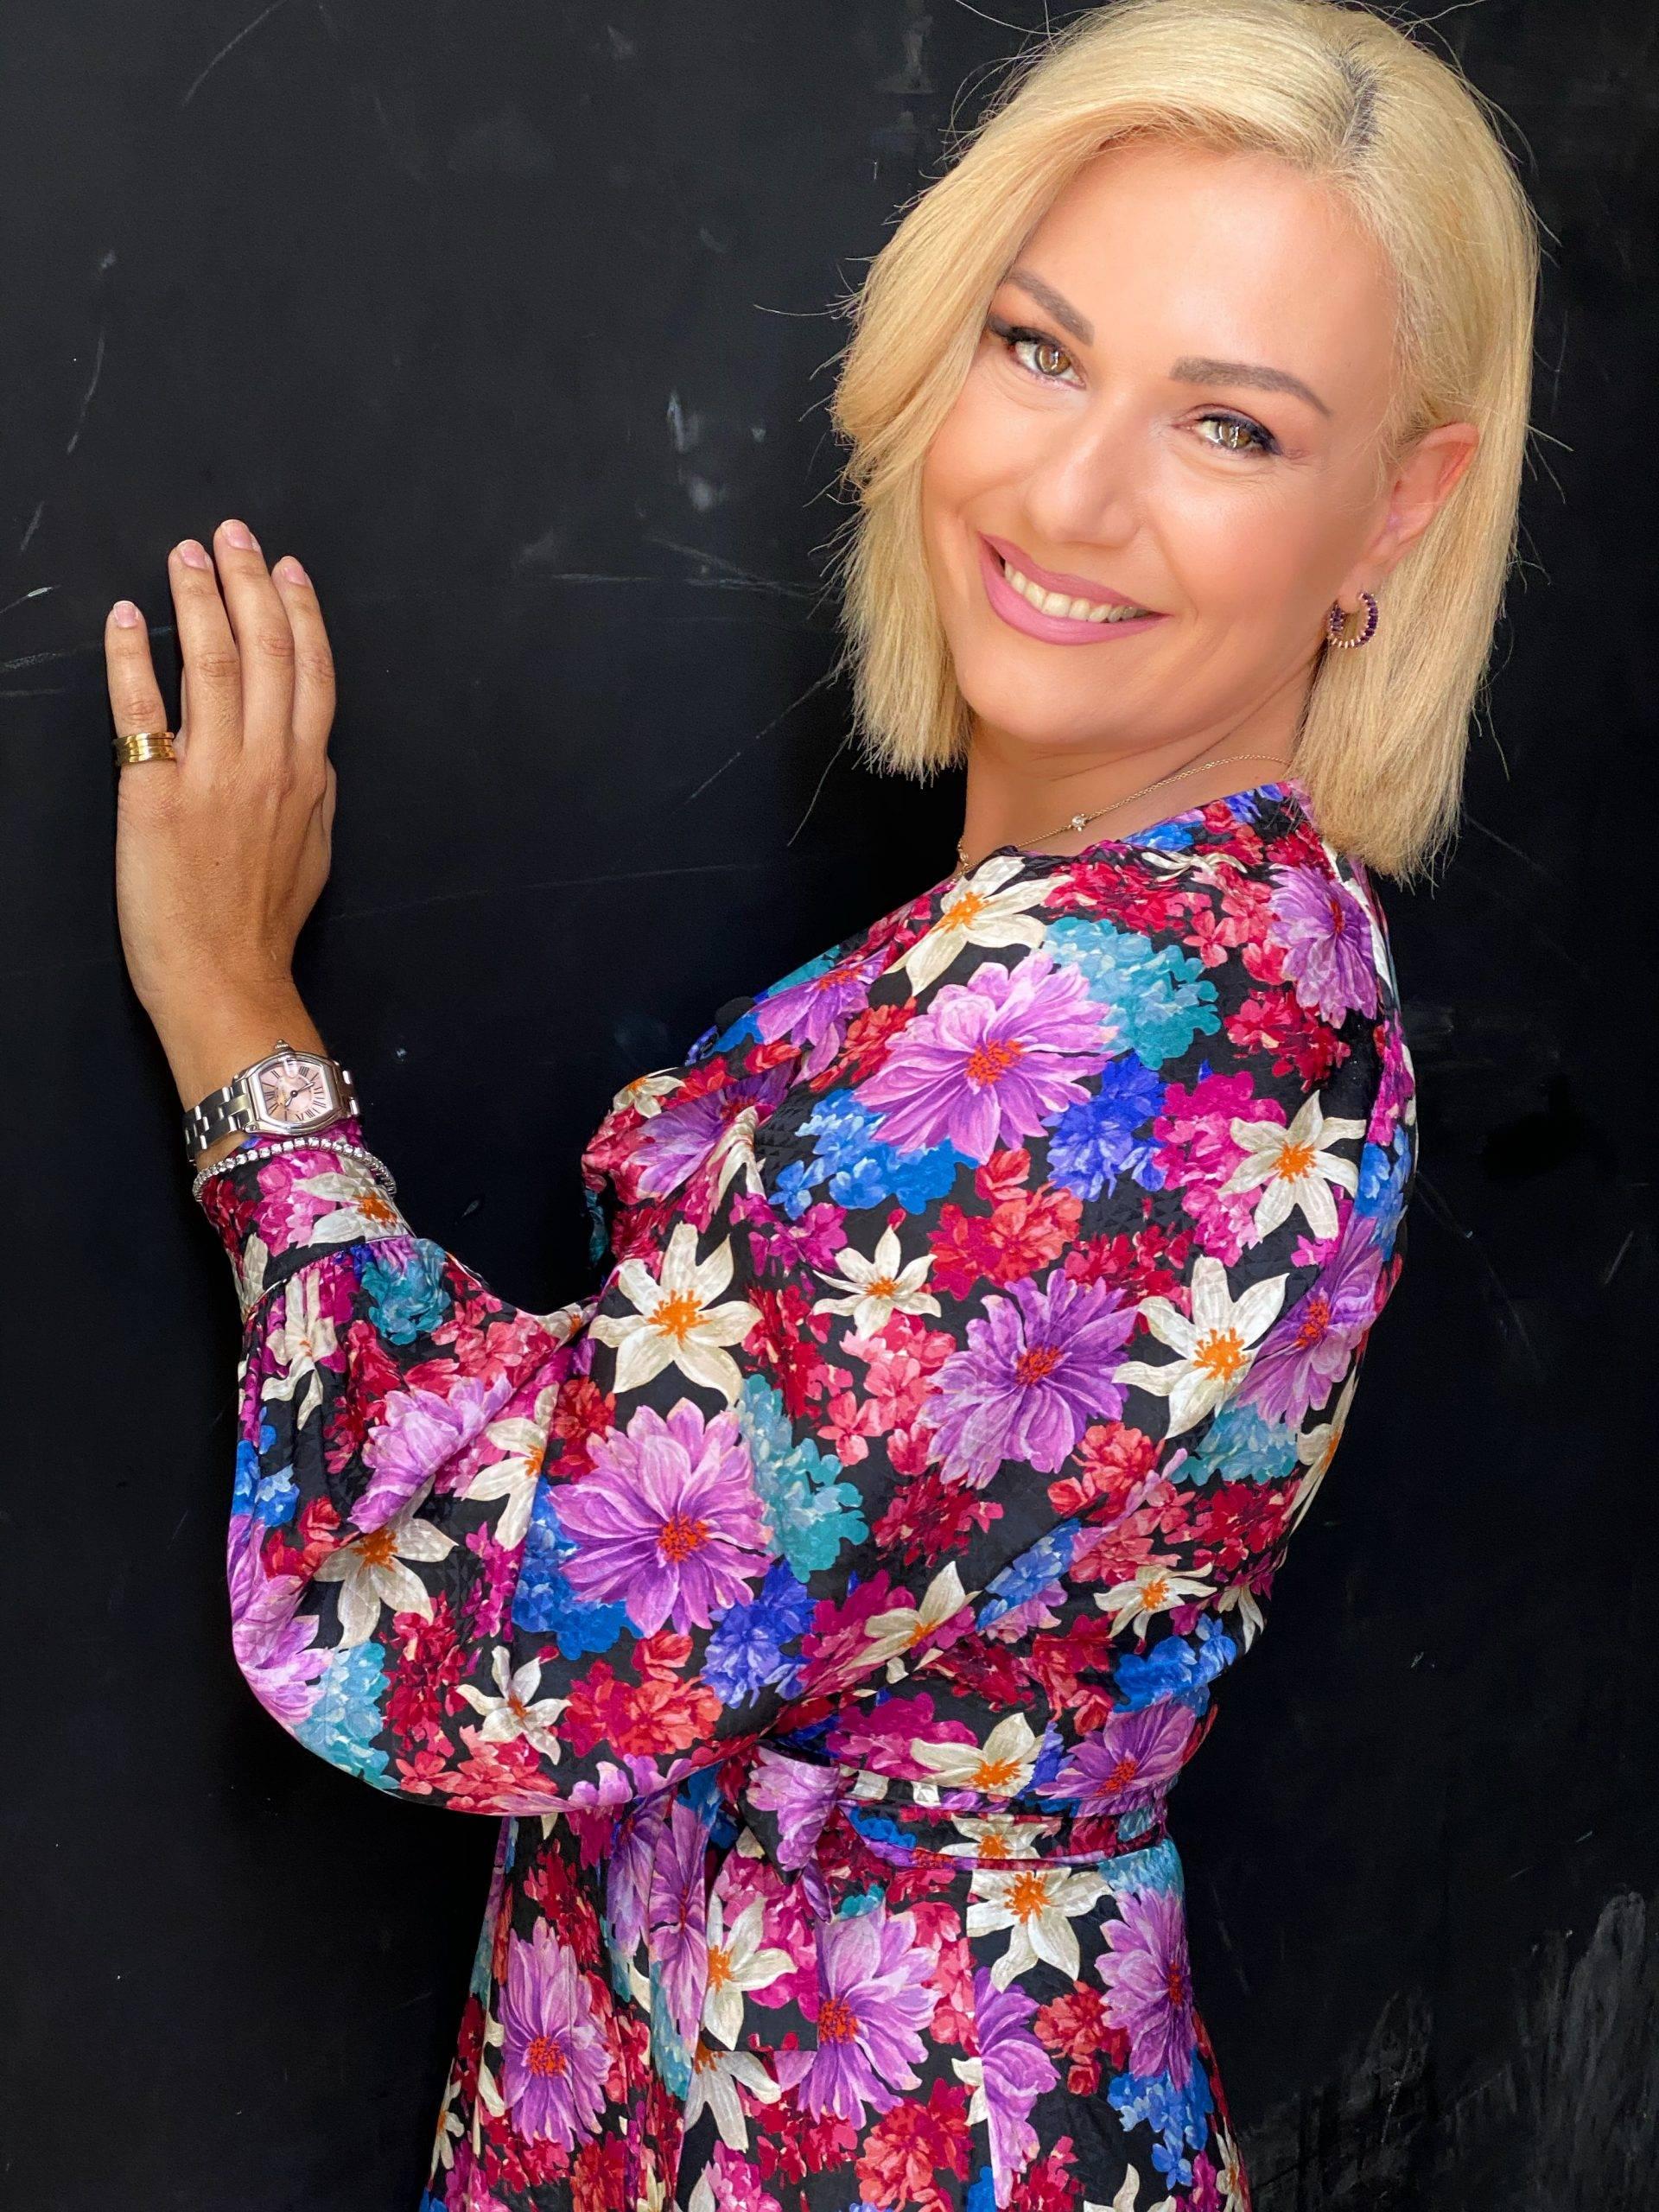 για την ζωή της, την επαγγελματική της καριέρα, τα φοιτητικά χρόνια στην Αγγλία , την γνωριμία της με τον σύζυγό της και την φιλία τους με το ζεύγος Ρουσόπουλου.